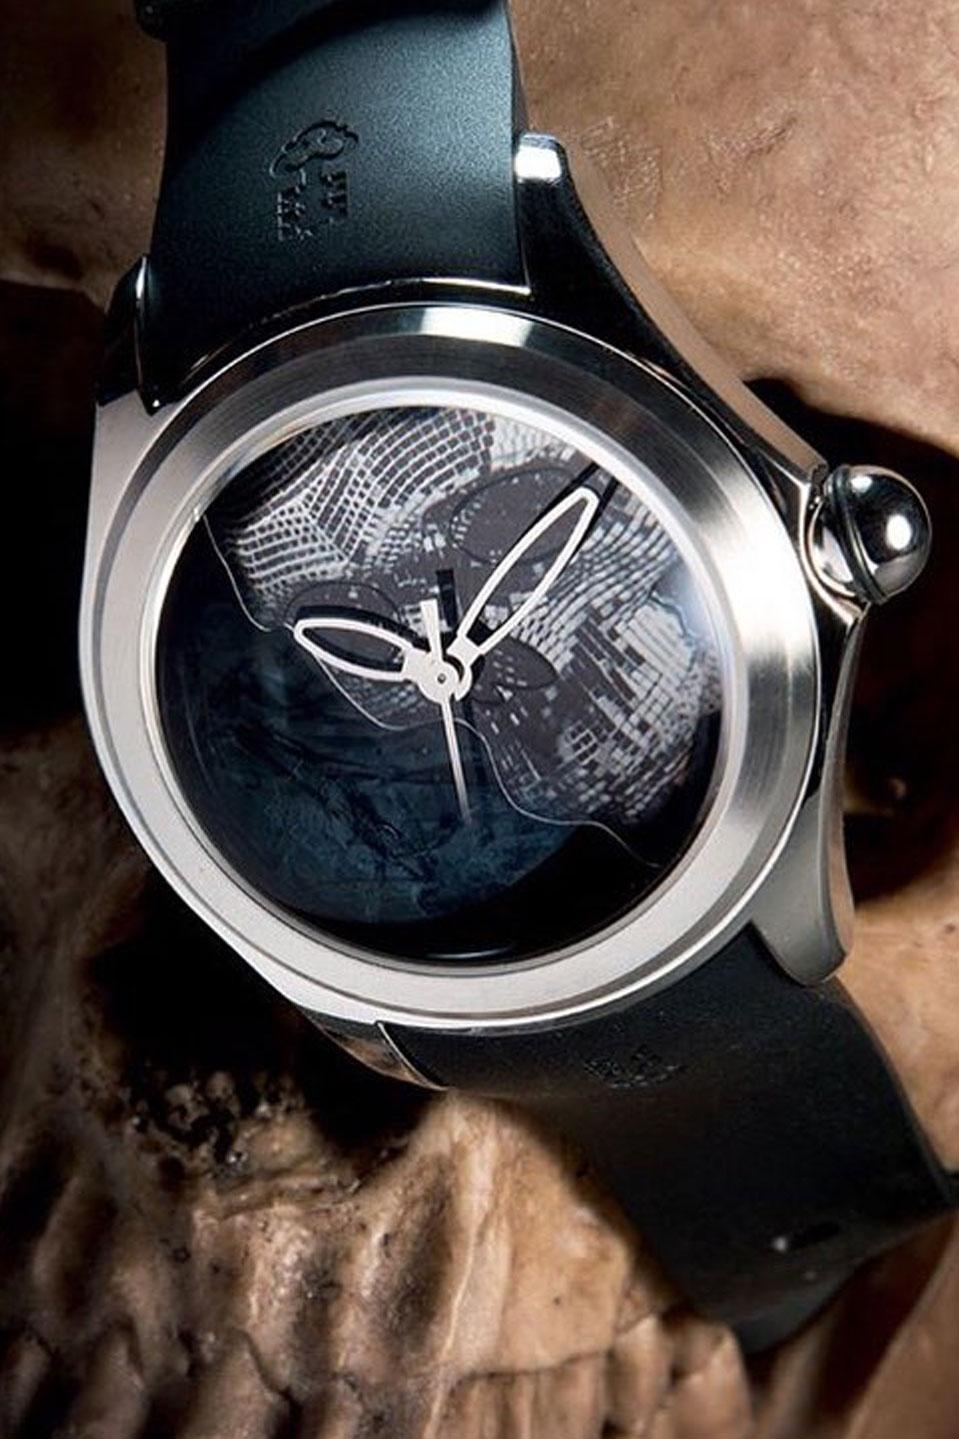 Corum Suisse - orologi - Rizzuto Gioielleria.